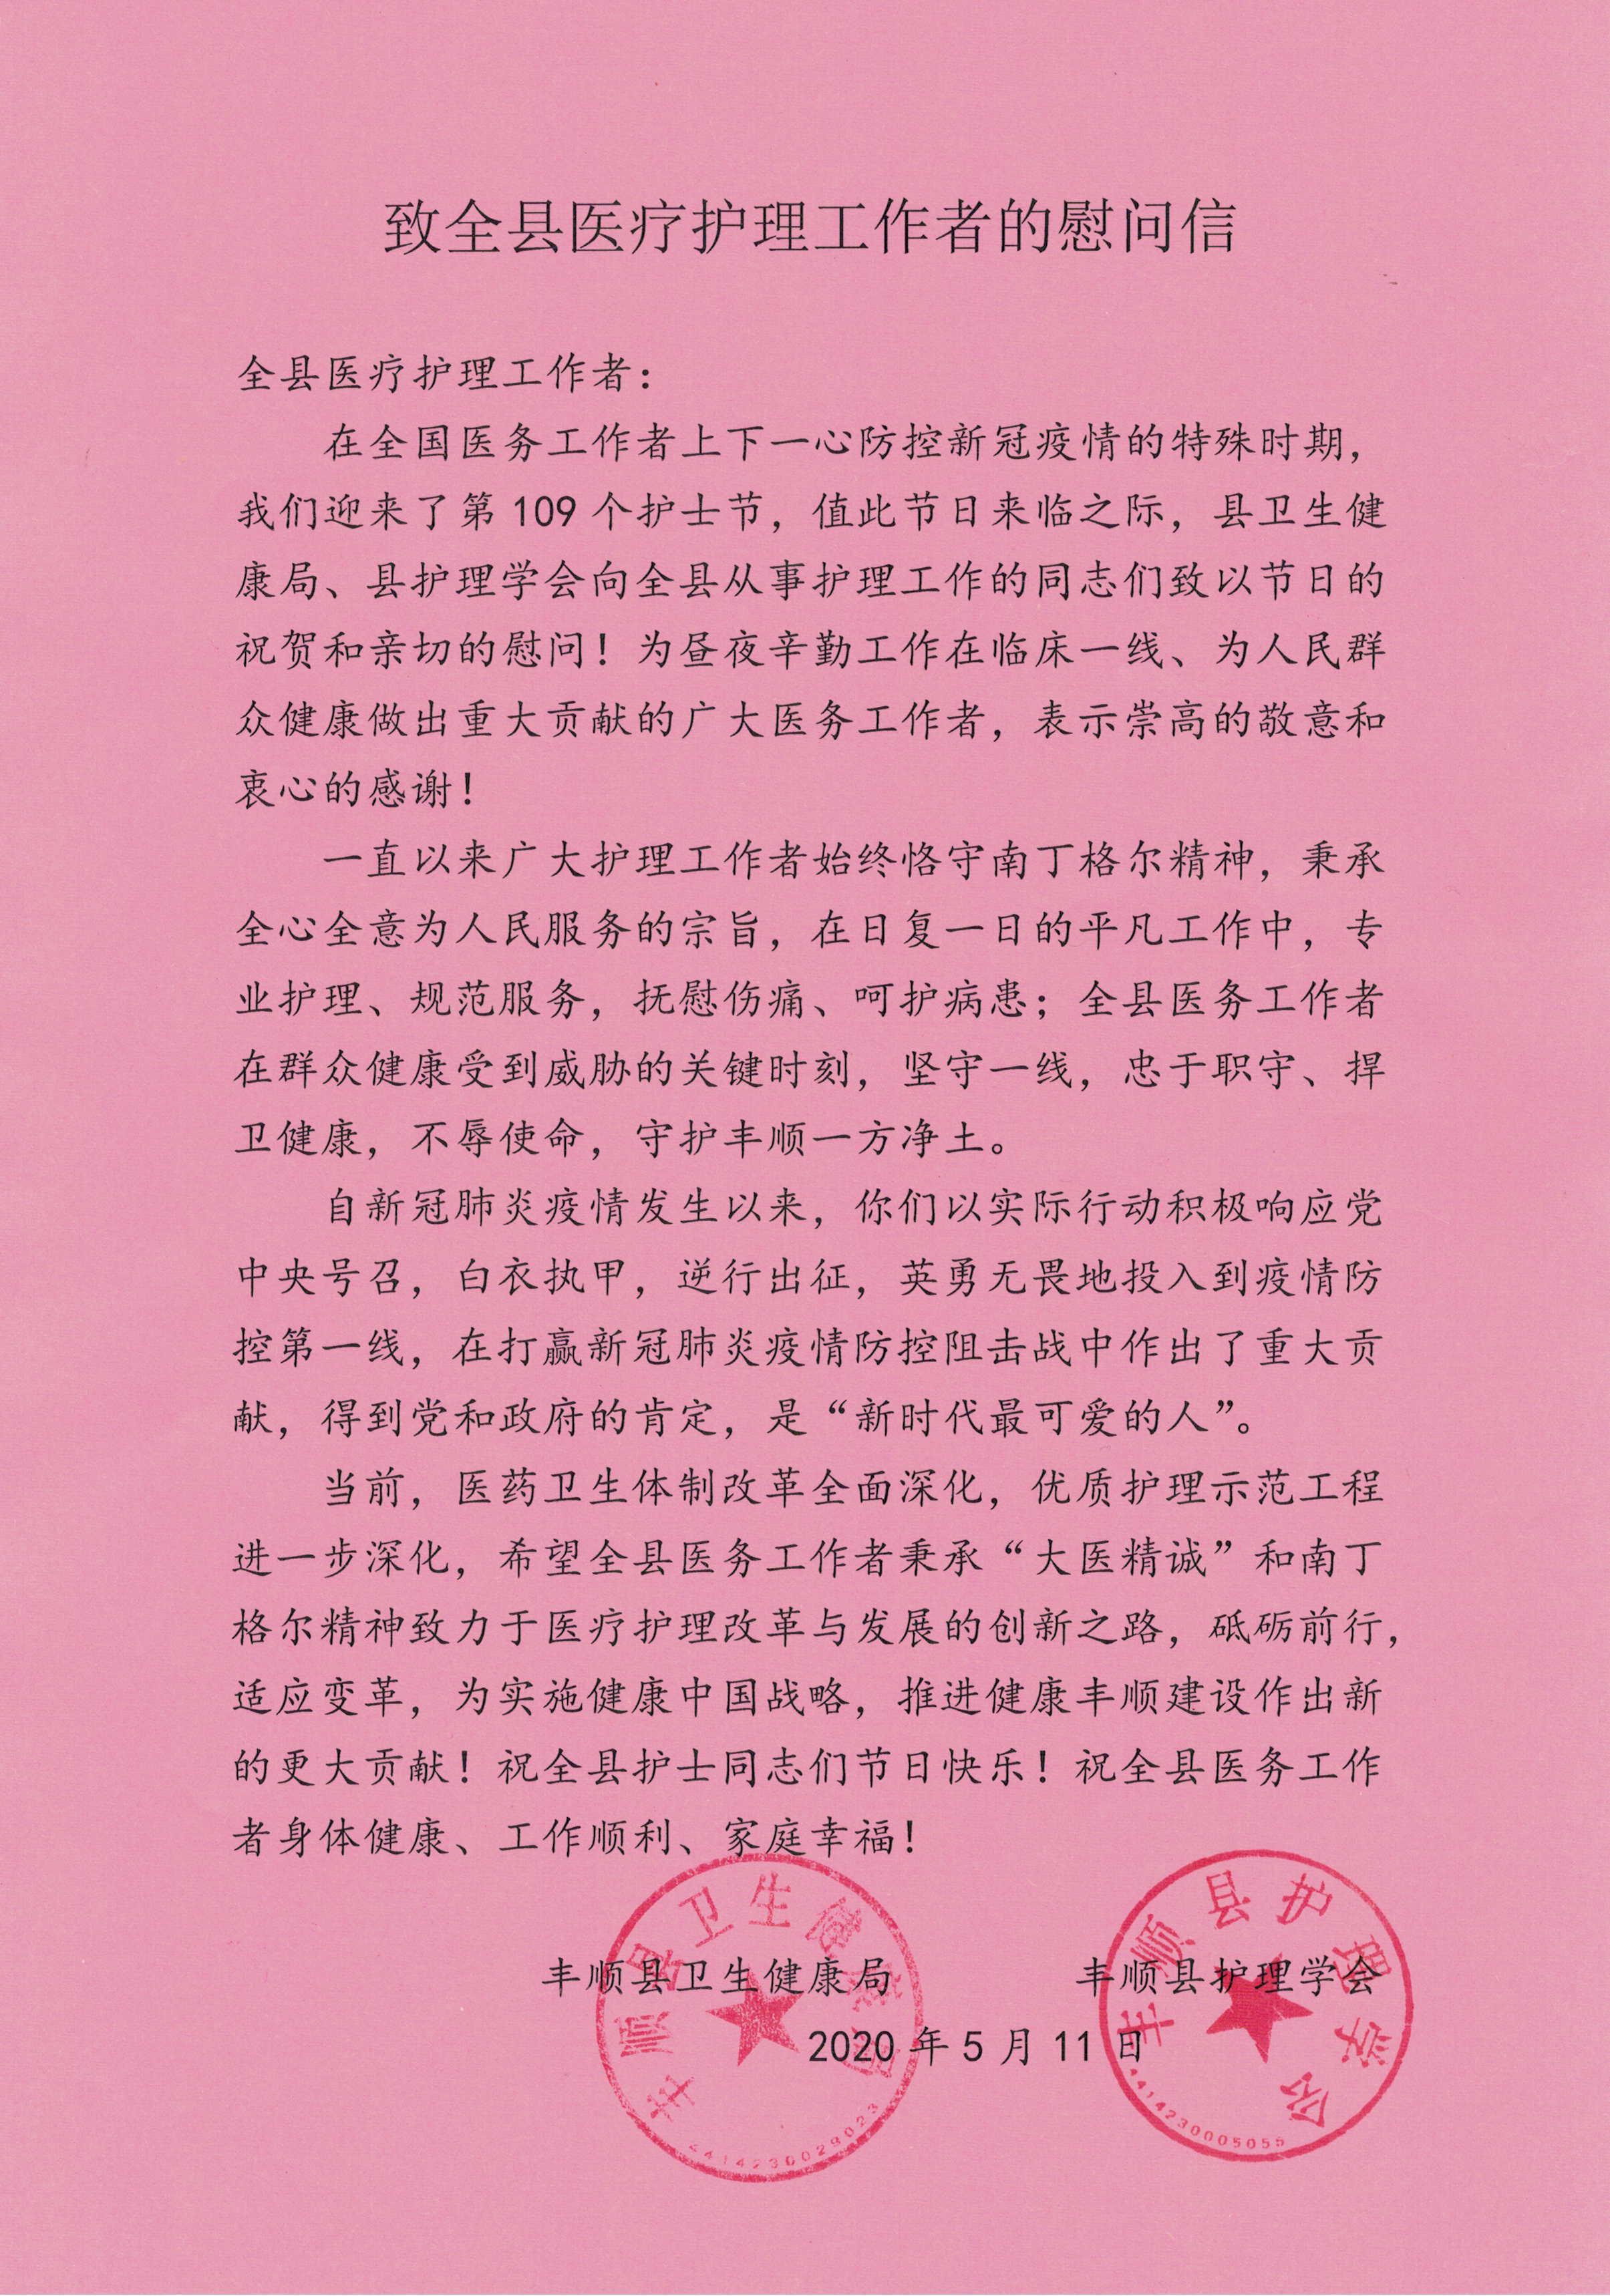 2020年护士节致全县护理工作者的慰问信_.jpg